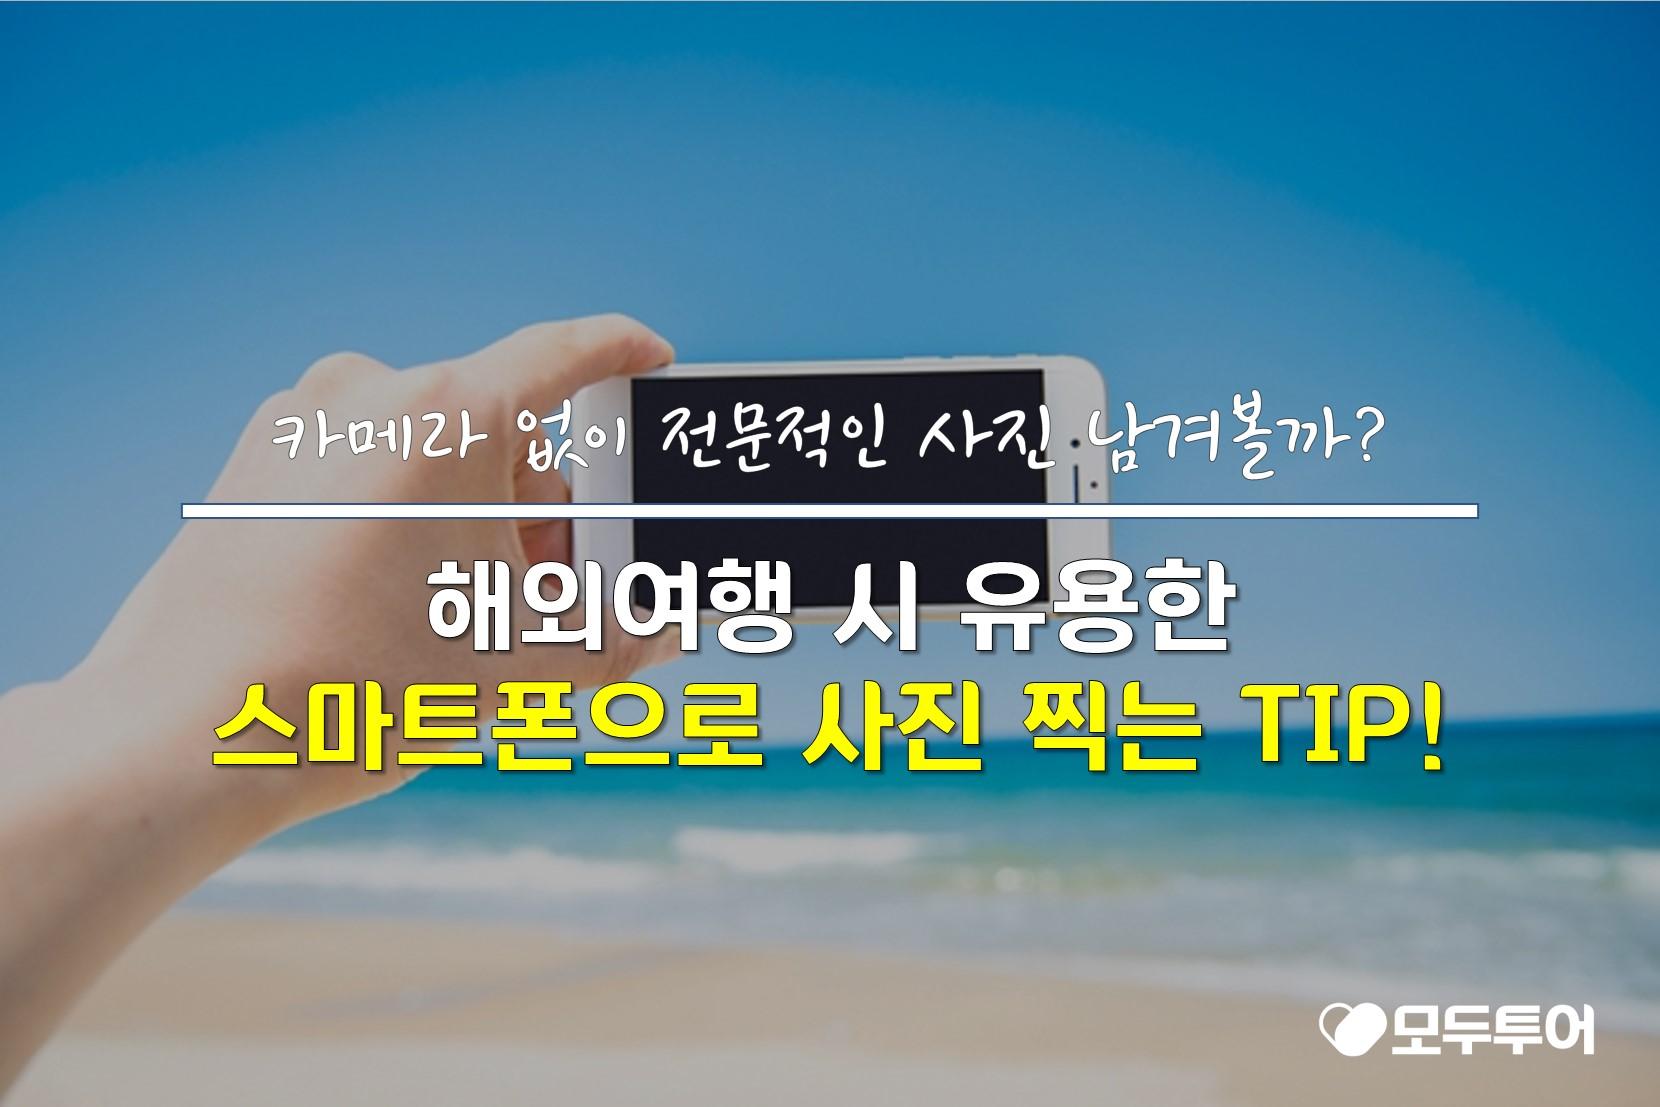 여행 시 스마트폰으로 사진 잘찍는 TIP!